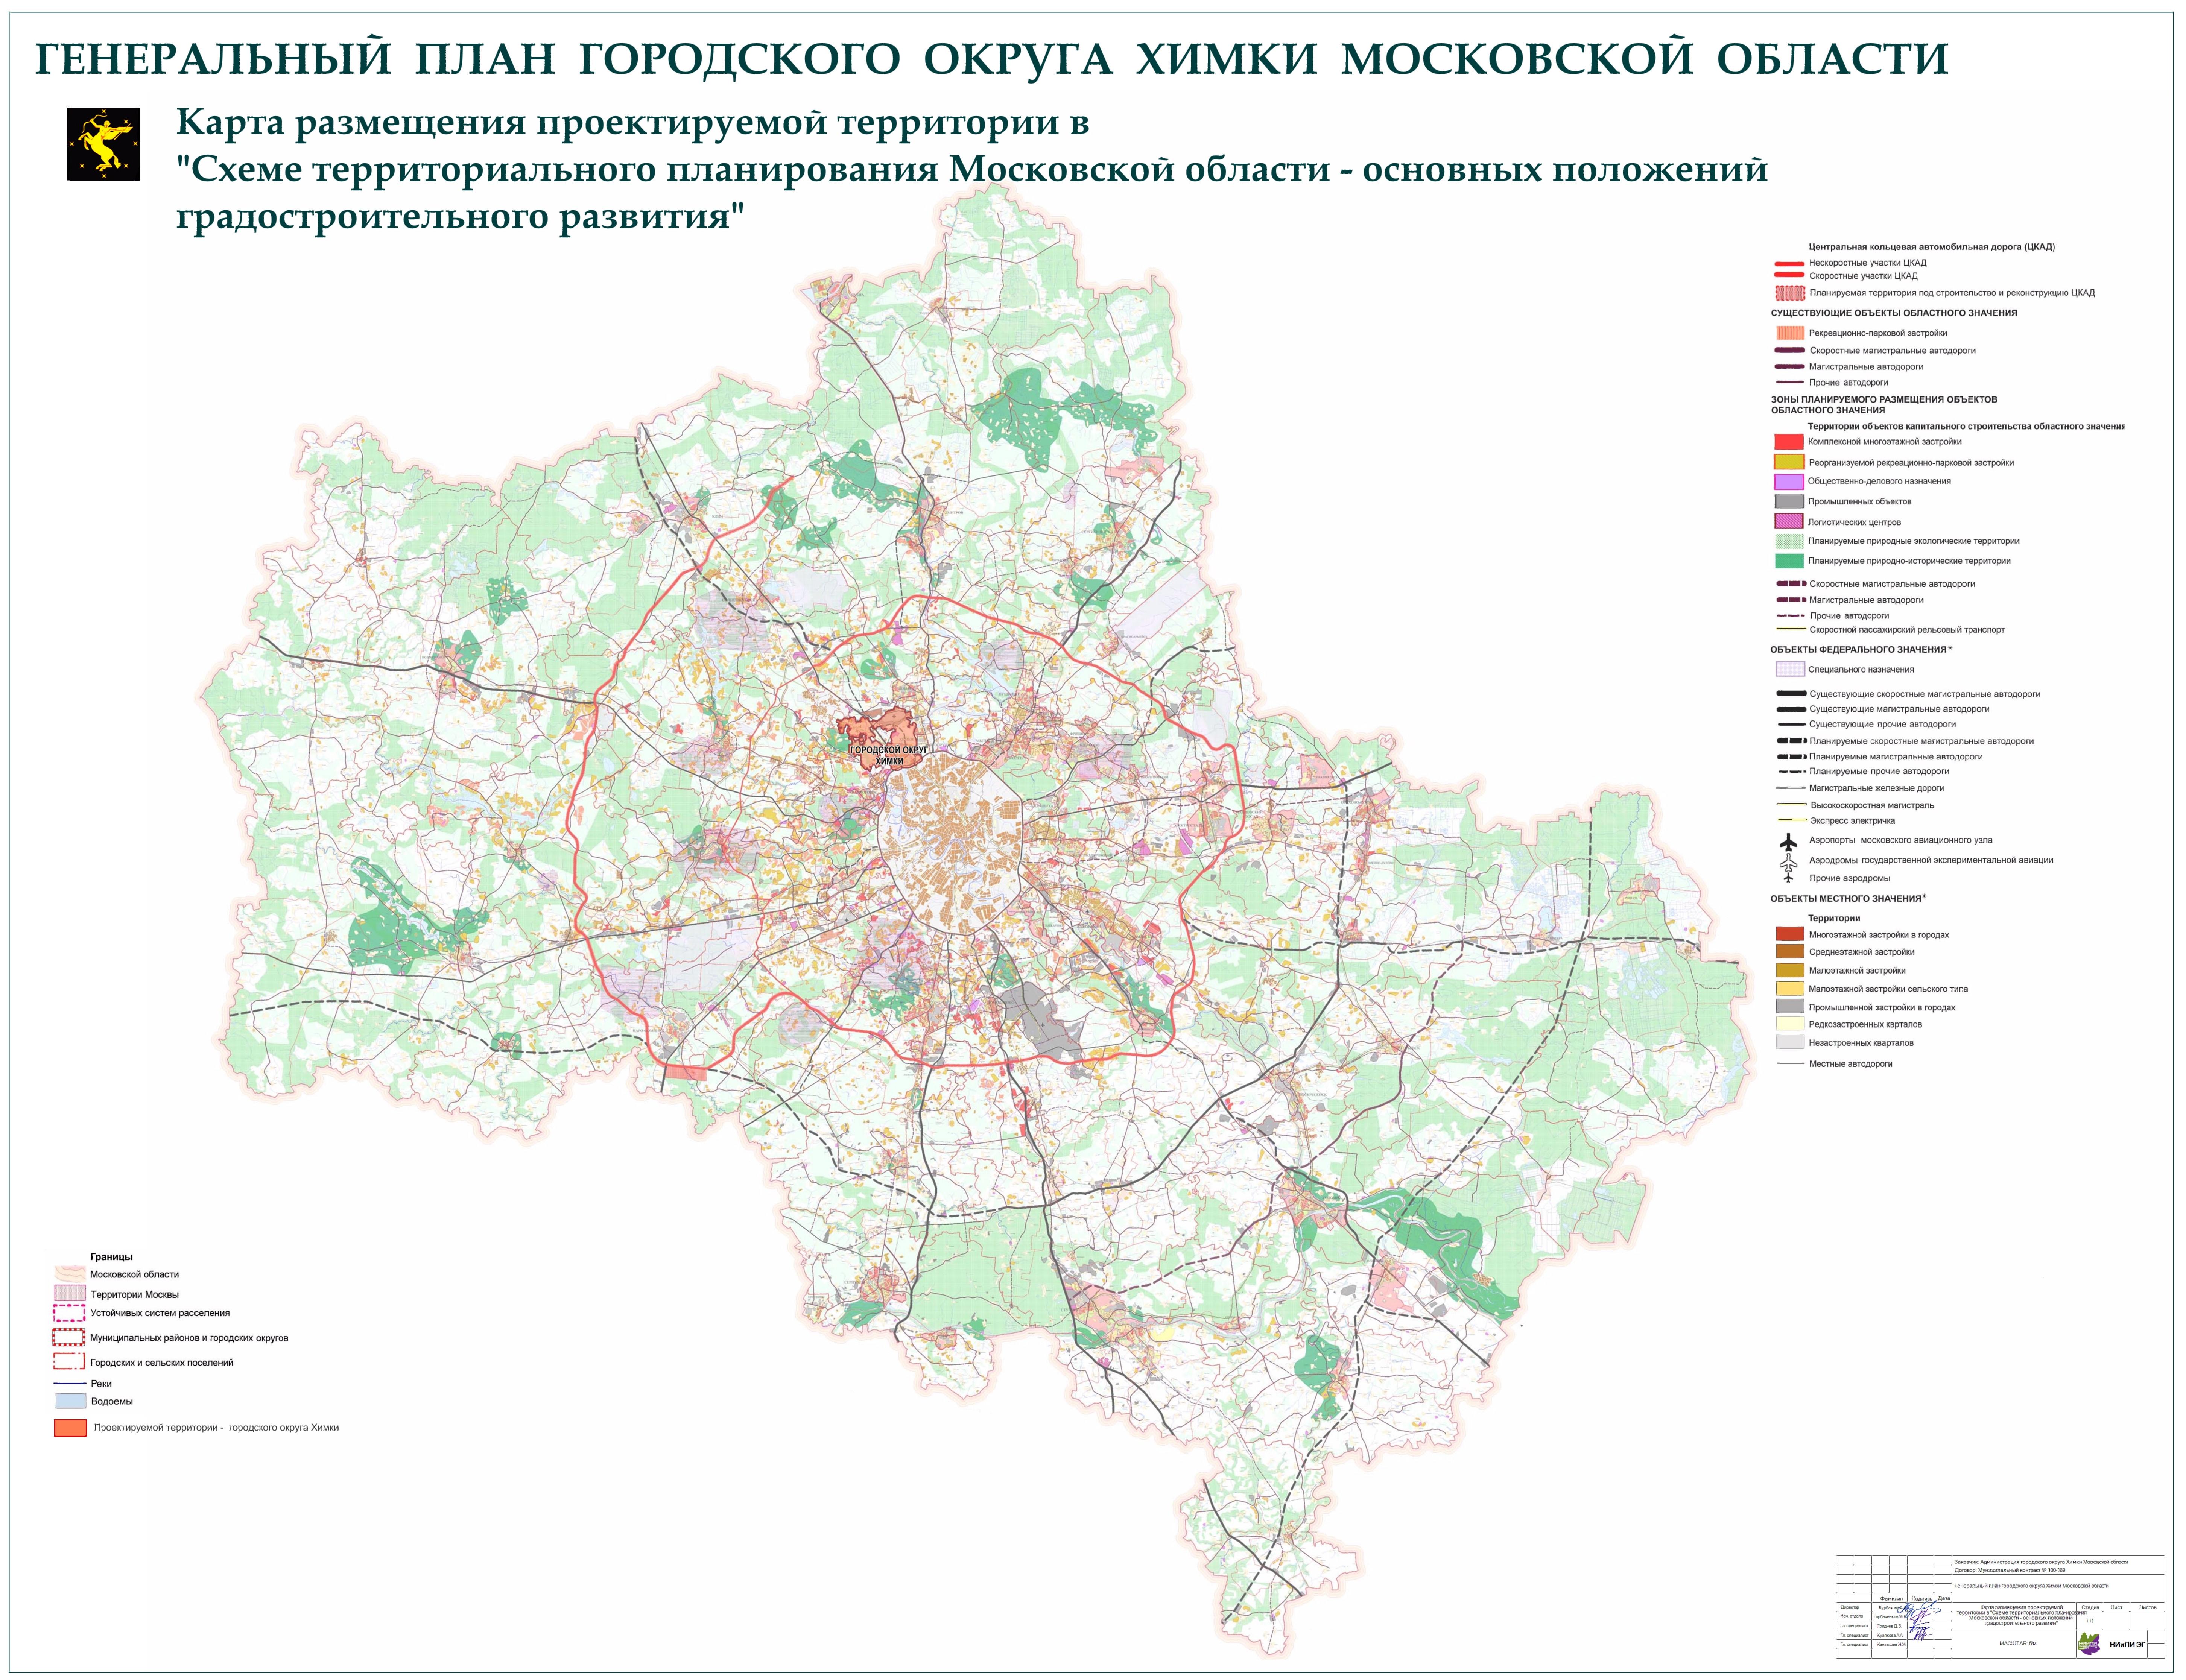 Проститутки москвы и московской области показать на карте 23 фотография